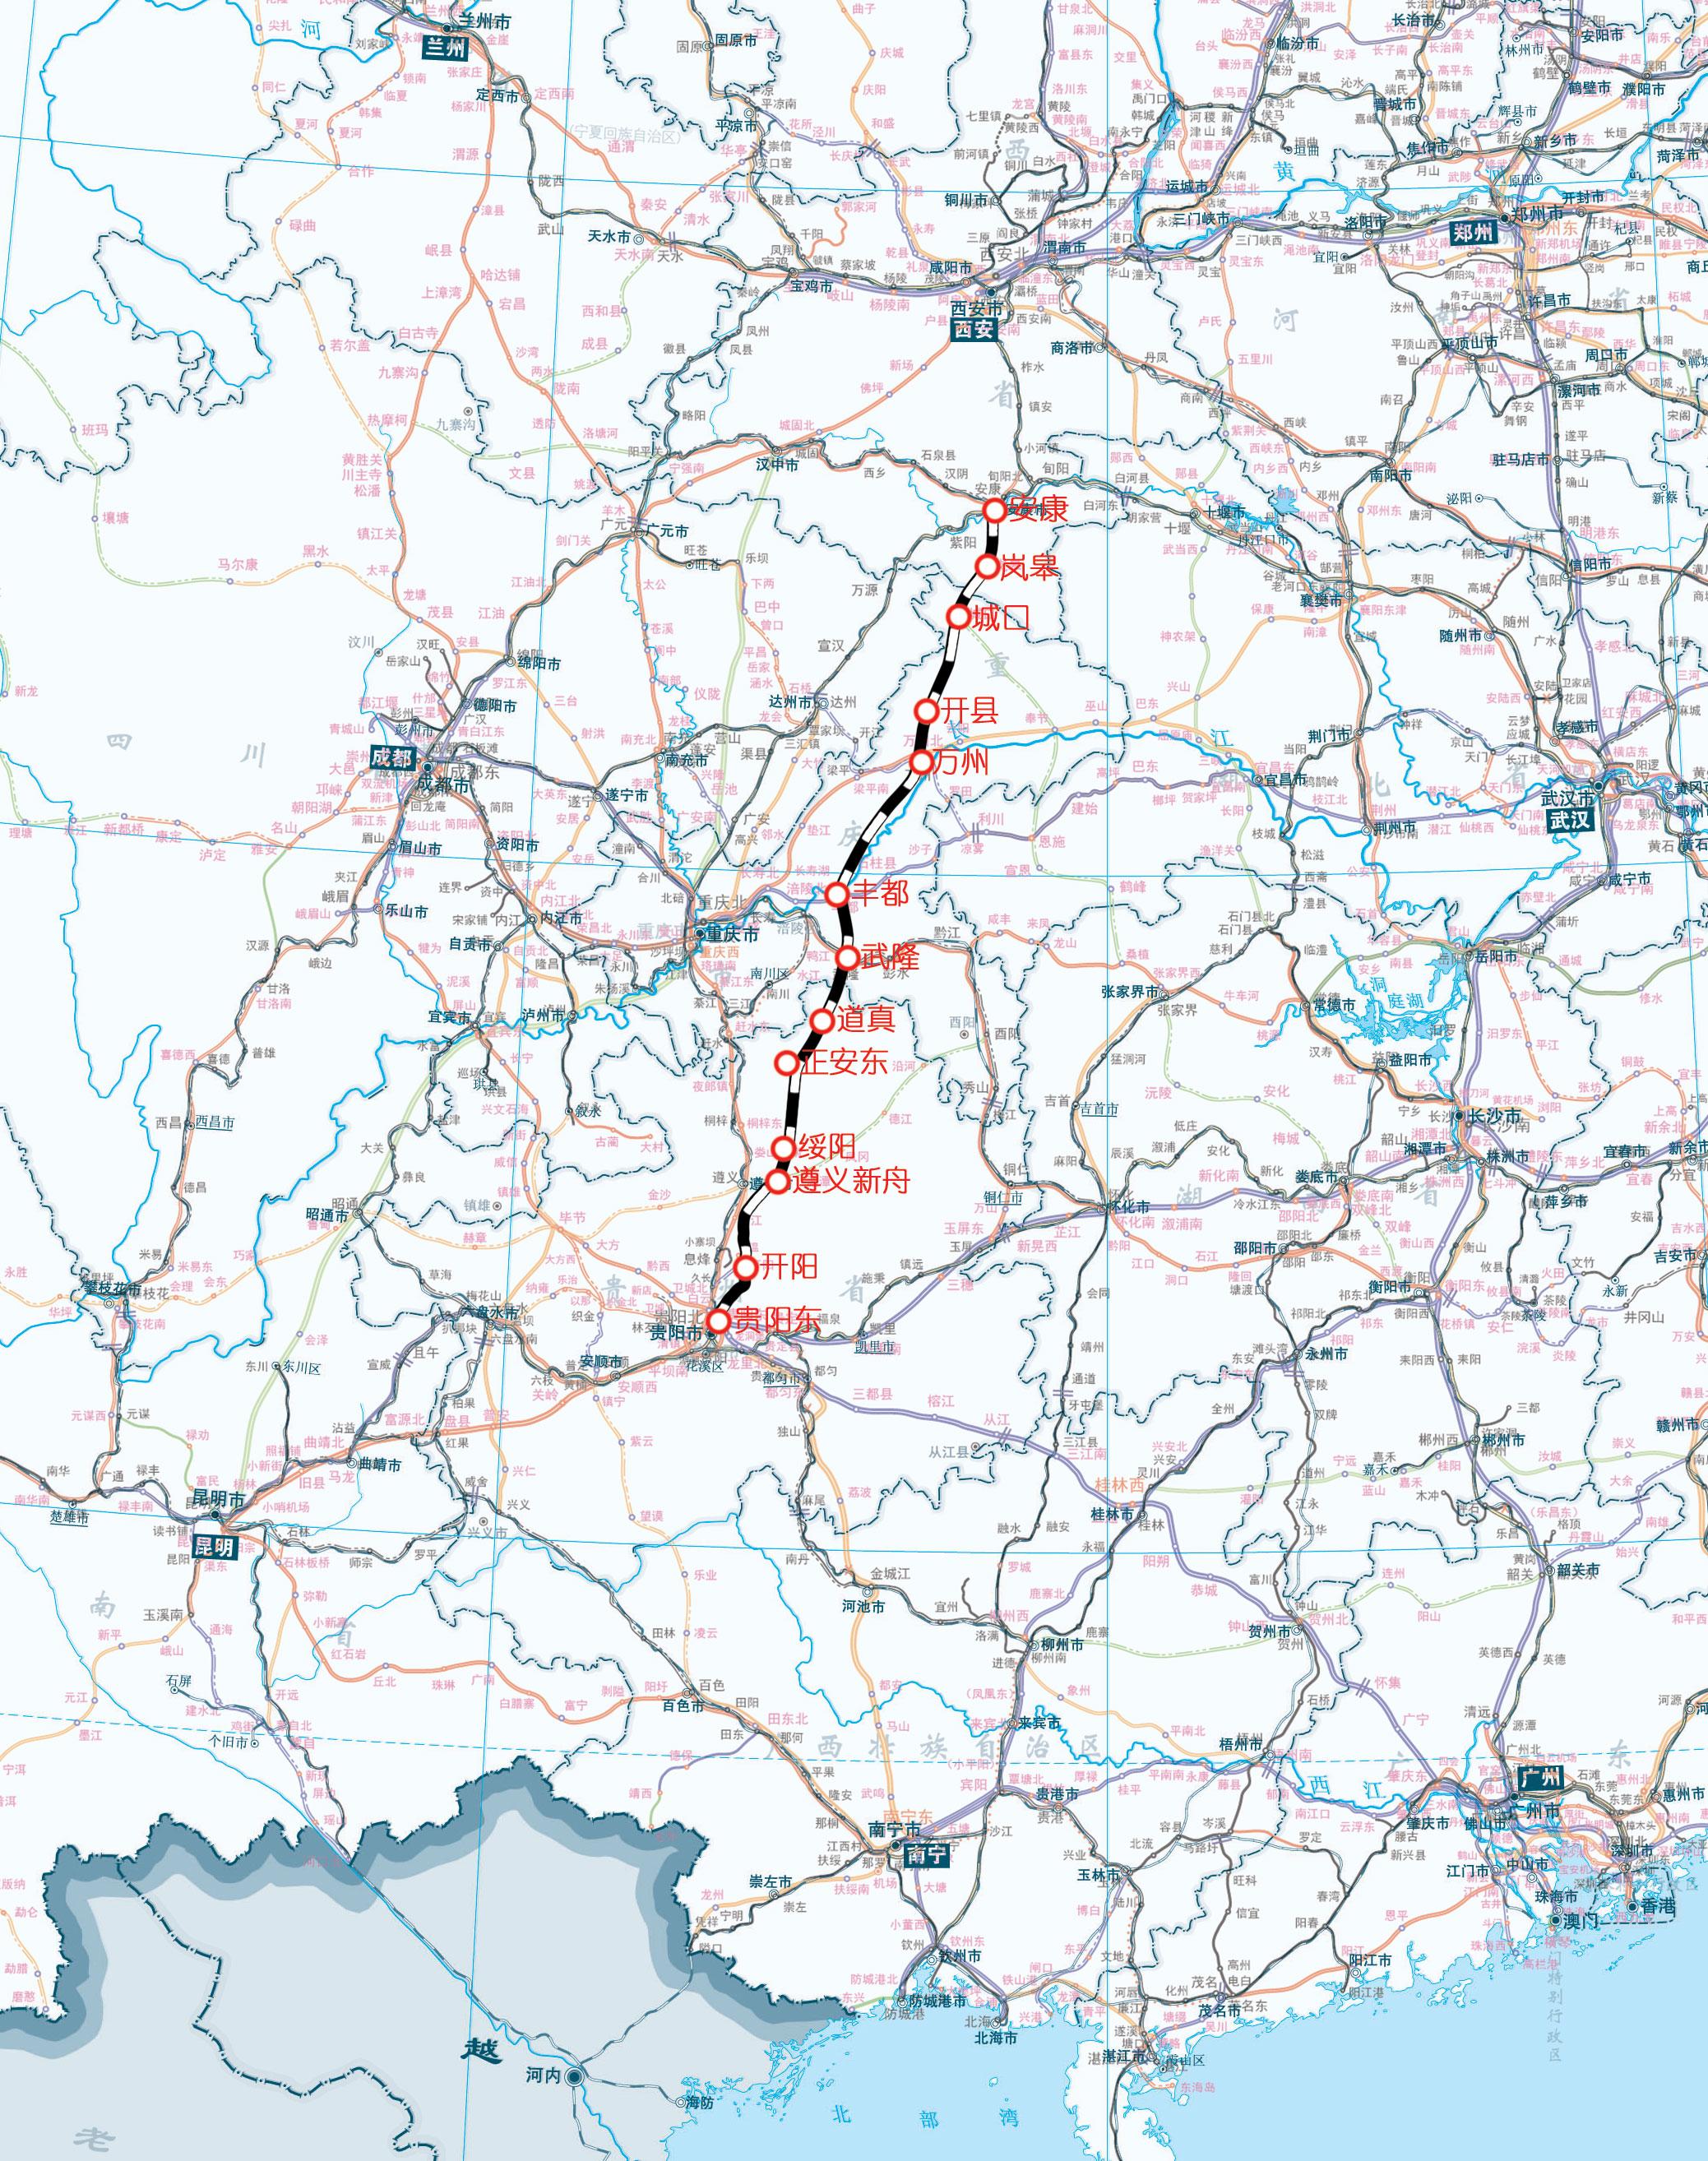 泸州的乡镇地图